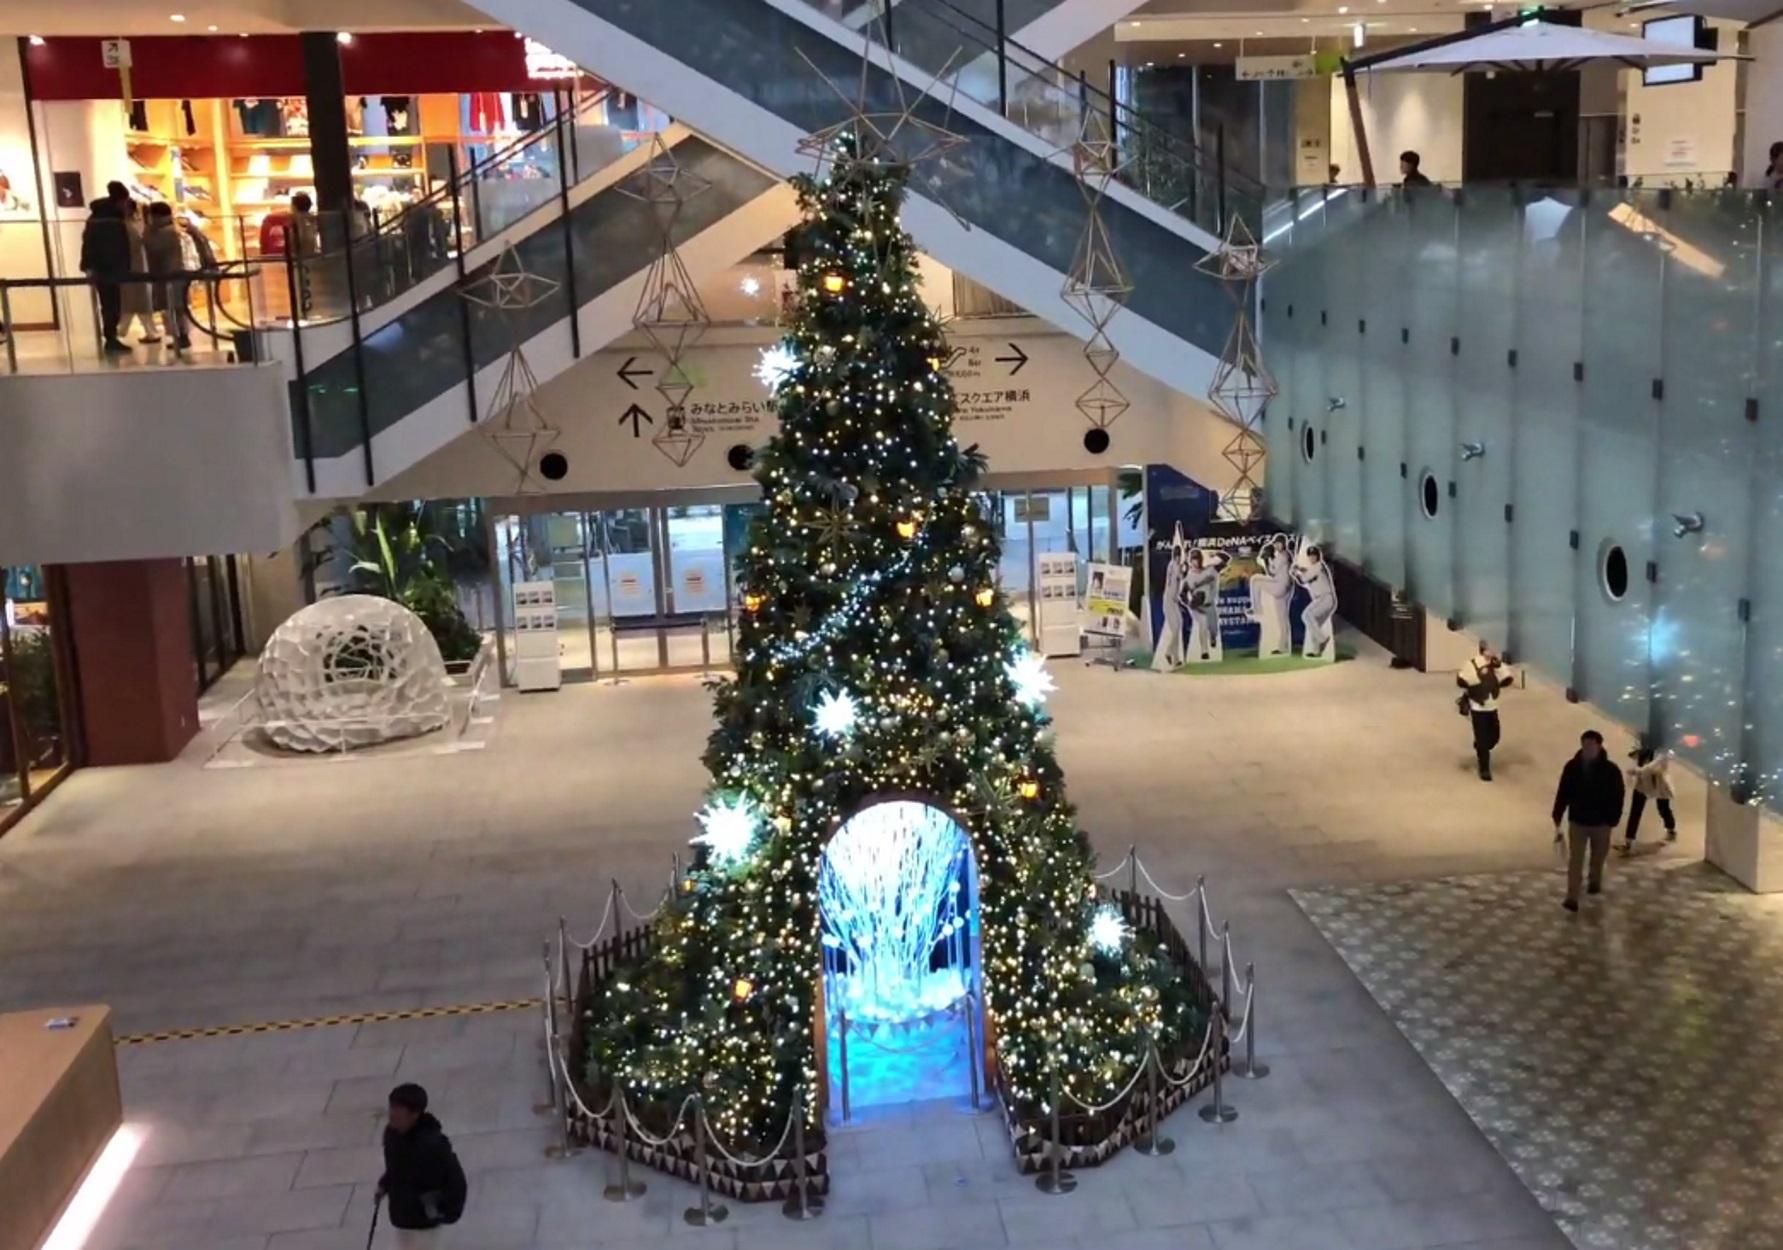 Ιαπωνία: Ρεκόρ Γκίνες για χριστουγεννιάτικο δέντρο με 51.626 κάρτες ευχών!